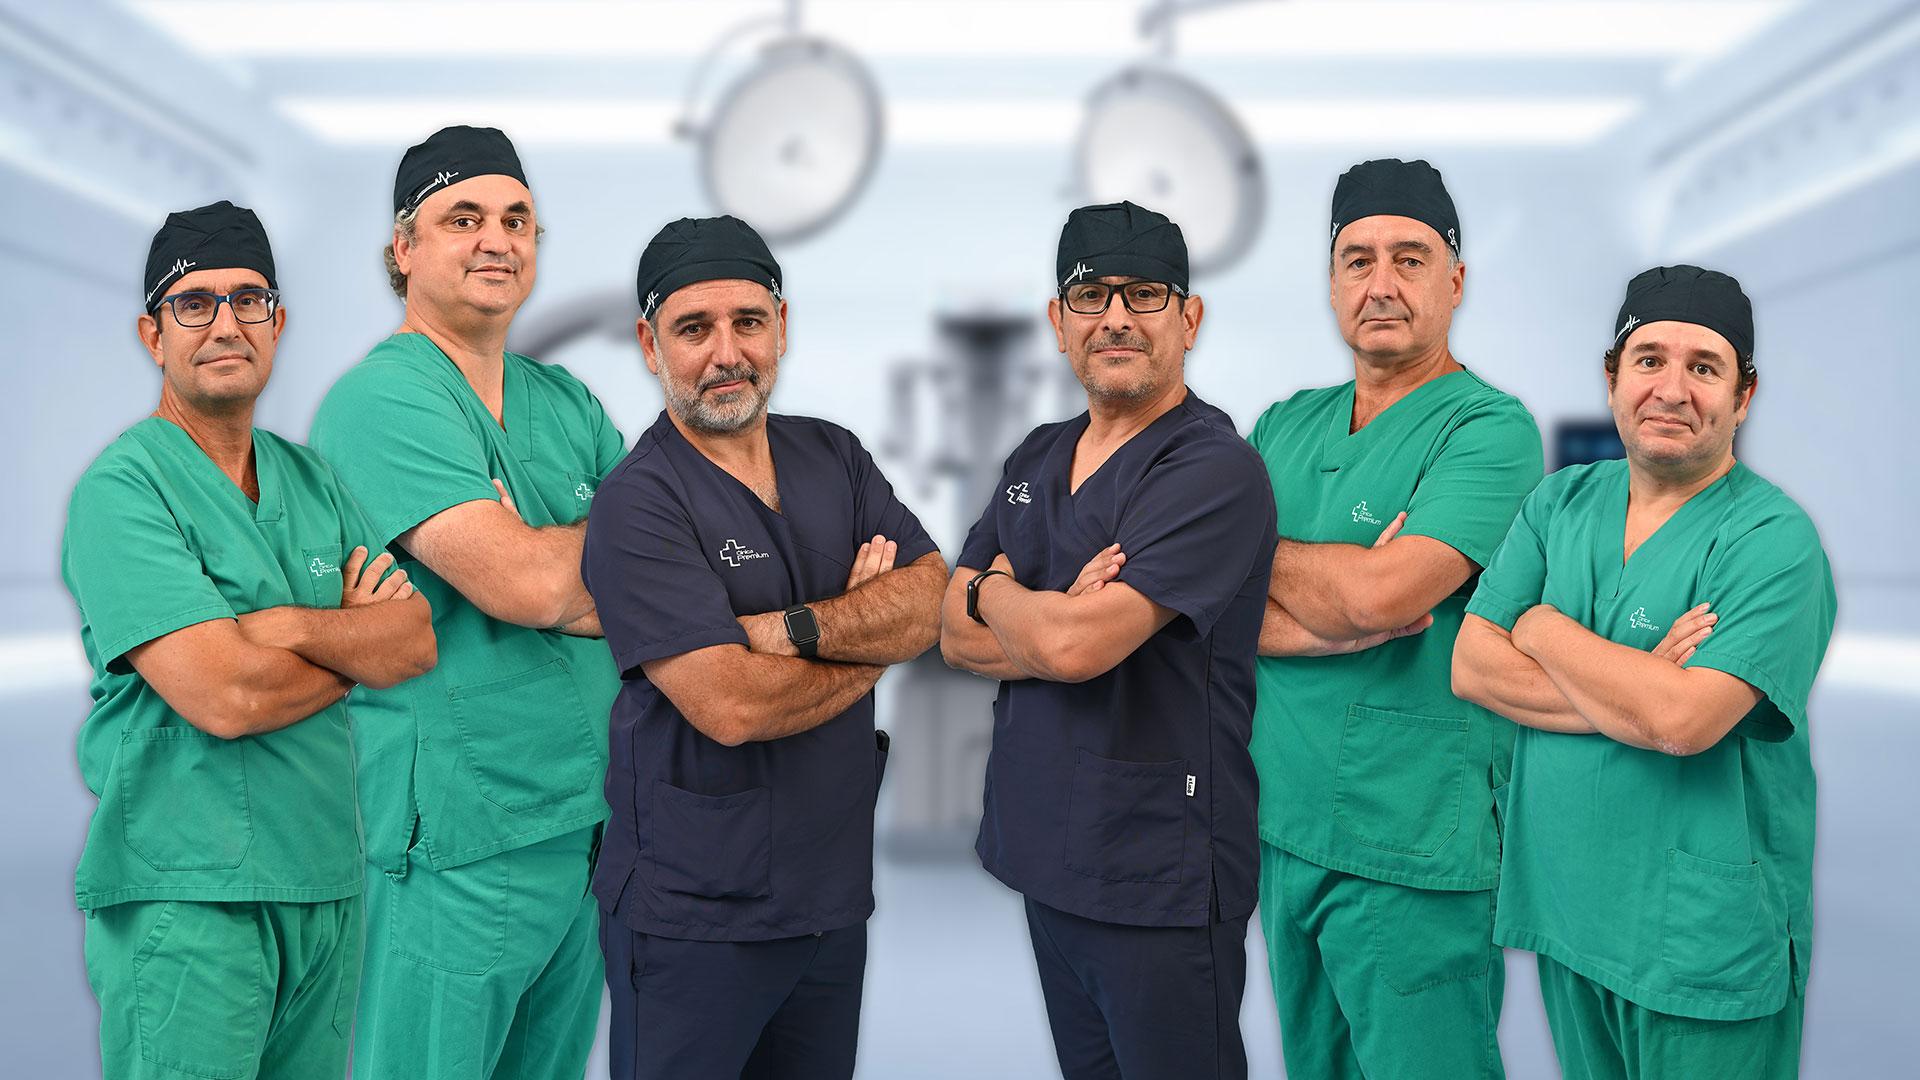 El equipo de Cirugía Robótica de Clínica Premium especializado en Cáncer de Próstata